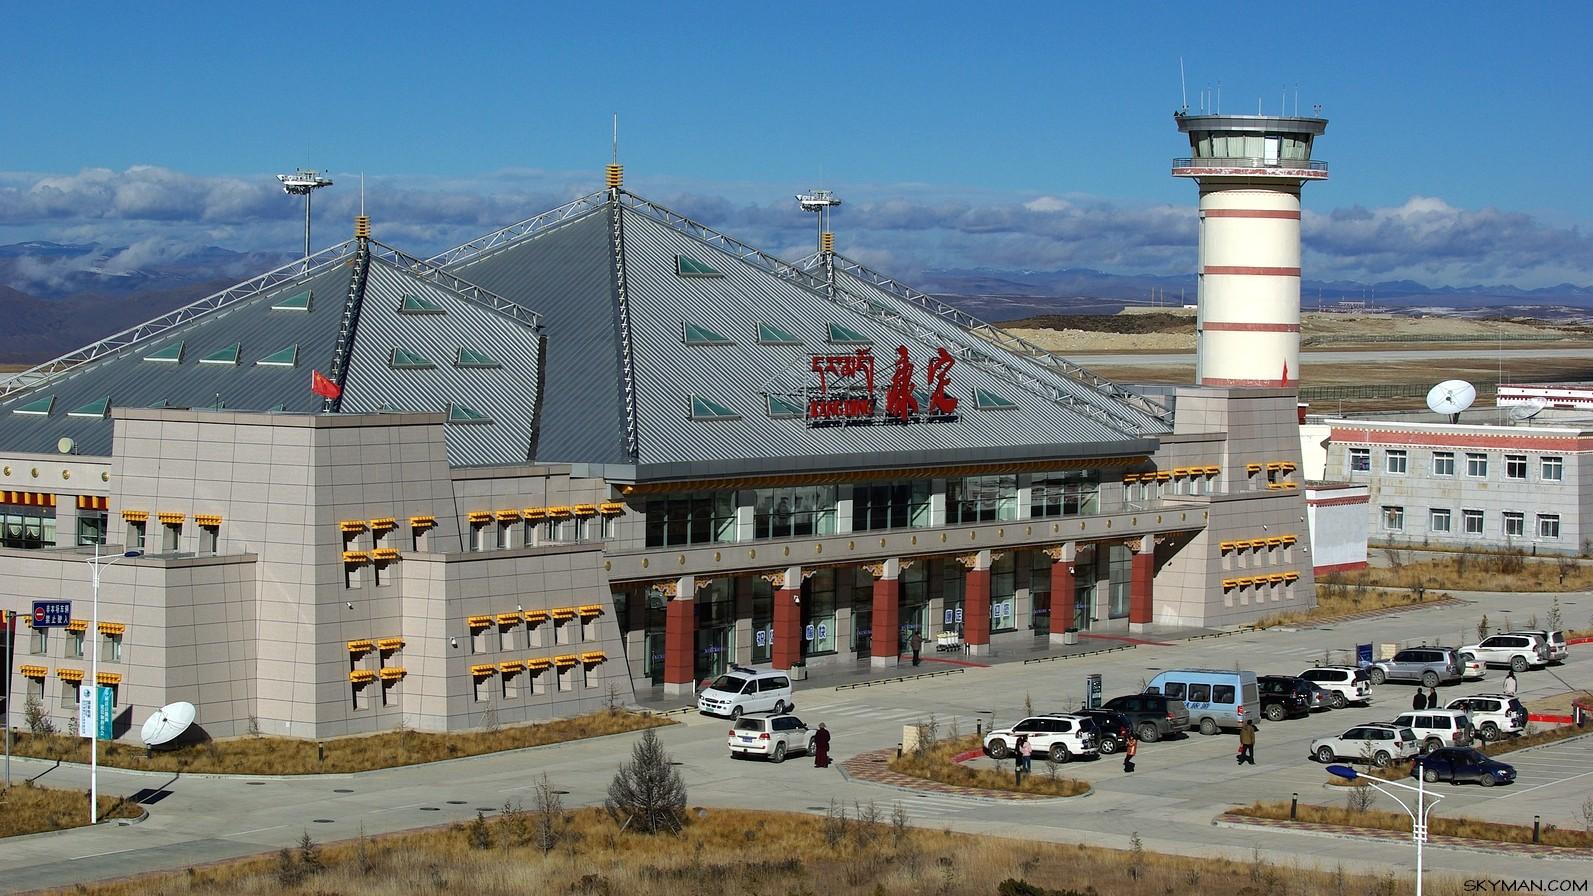 Re:[原创]---绝美的景观航线CTU-KGT 航拍四姑娘 贡嘎 雅拉神山---    中国康定机场